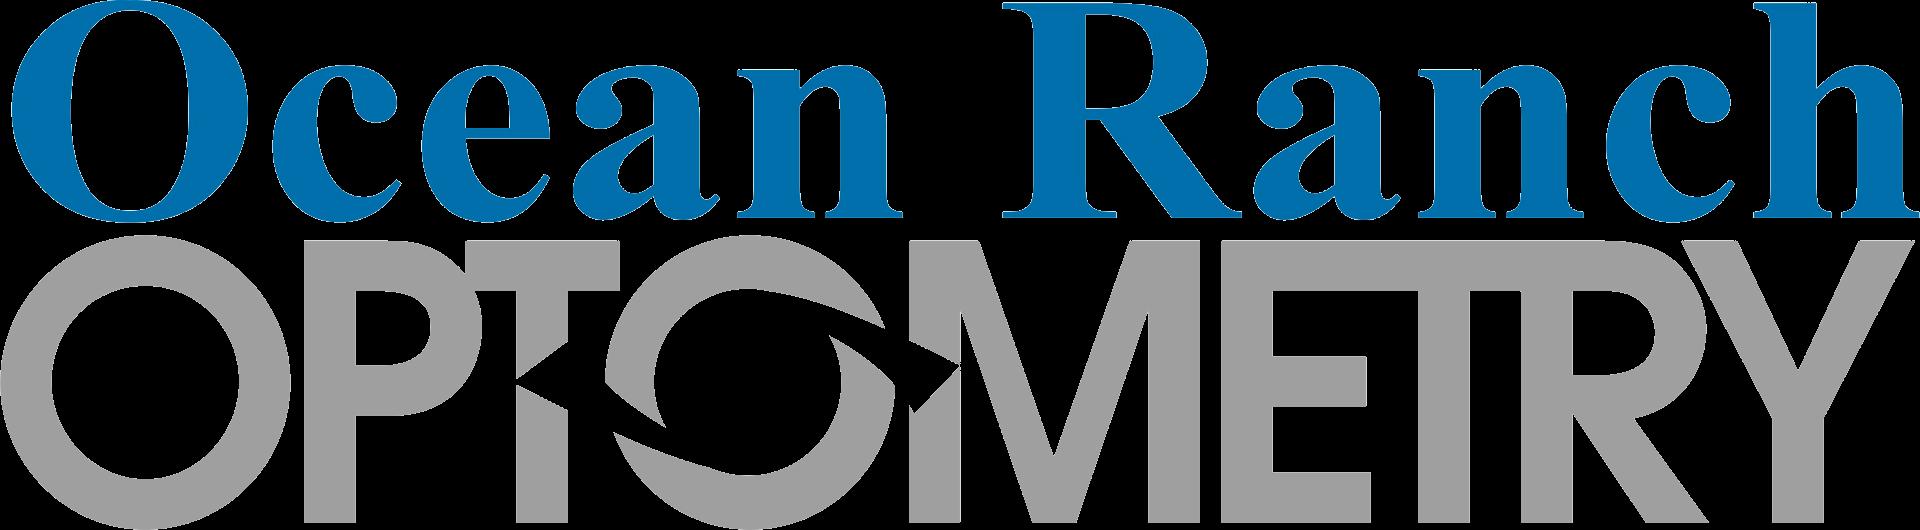 Ocean Ranch Optometry